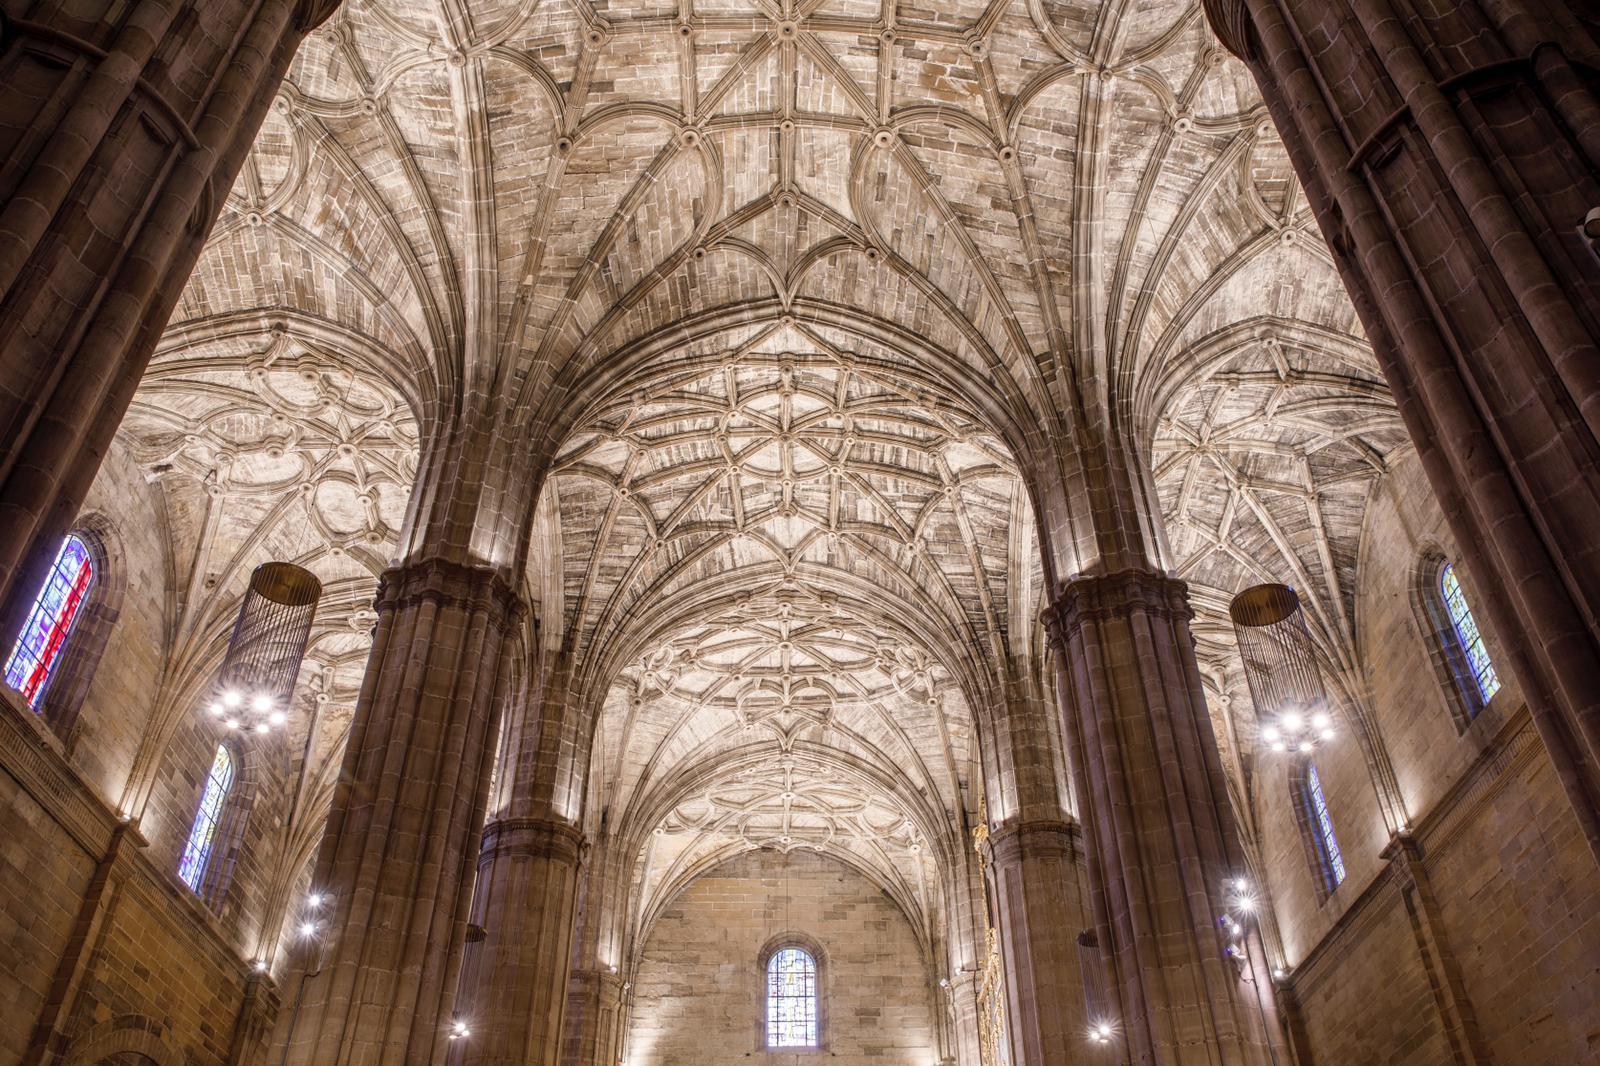 Parroquia de Santo Tomás Apostol - Lugar de interés - La Rioja Turismo